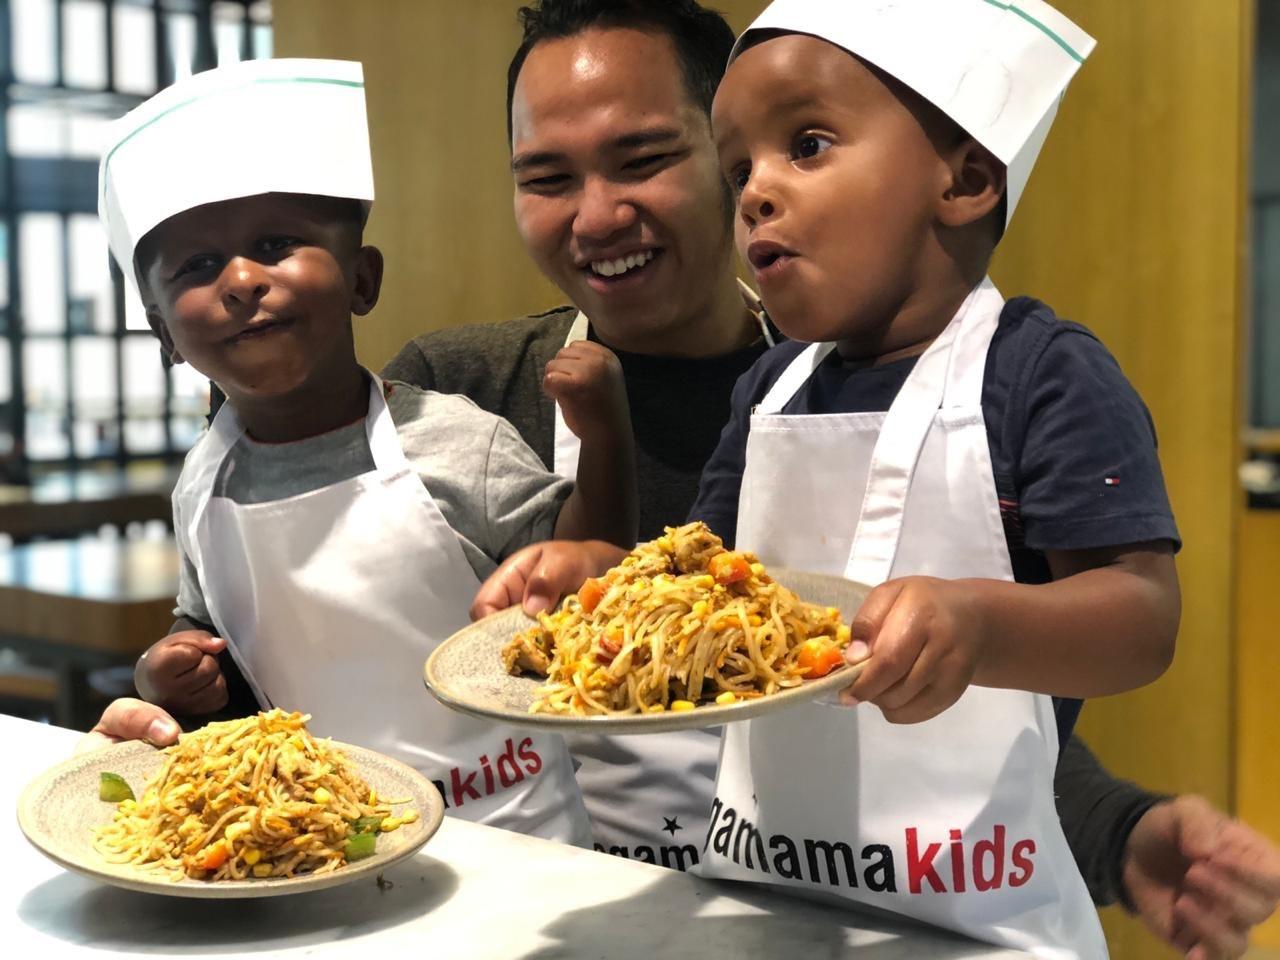 فصول الطهو الخاصة بالأطفال